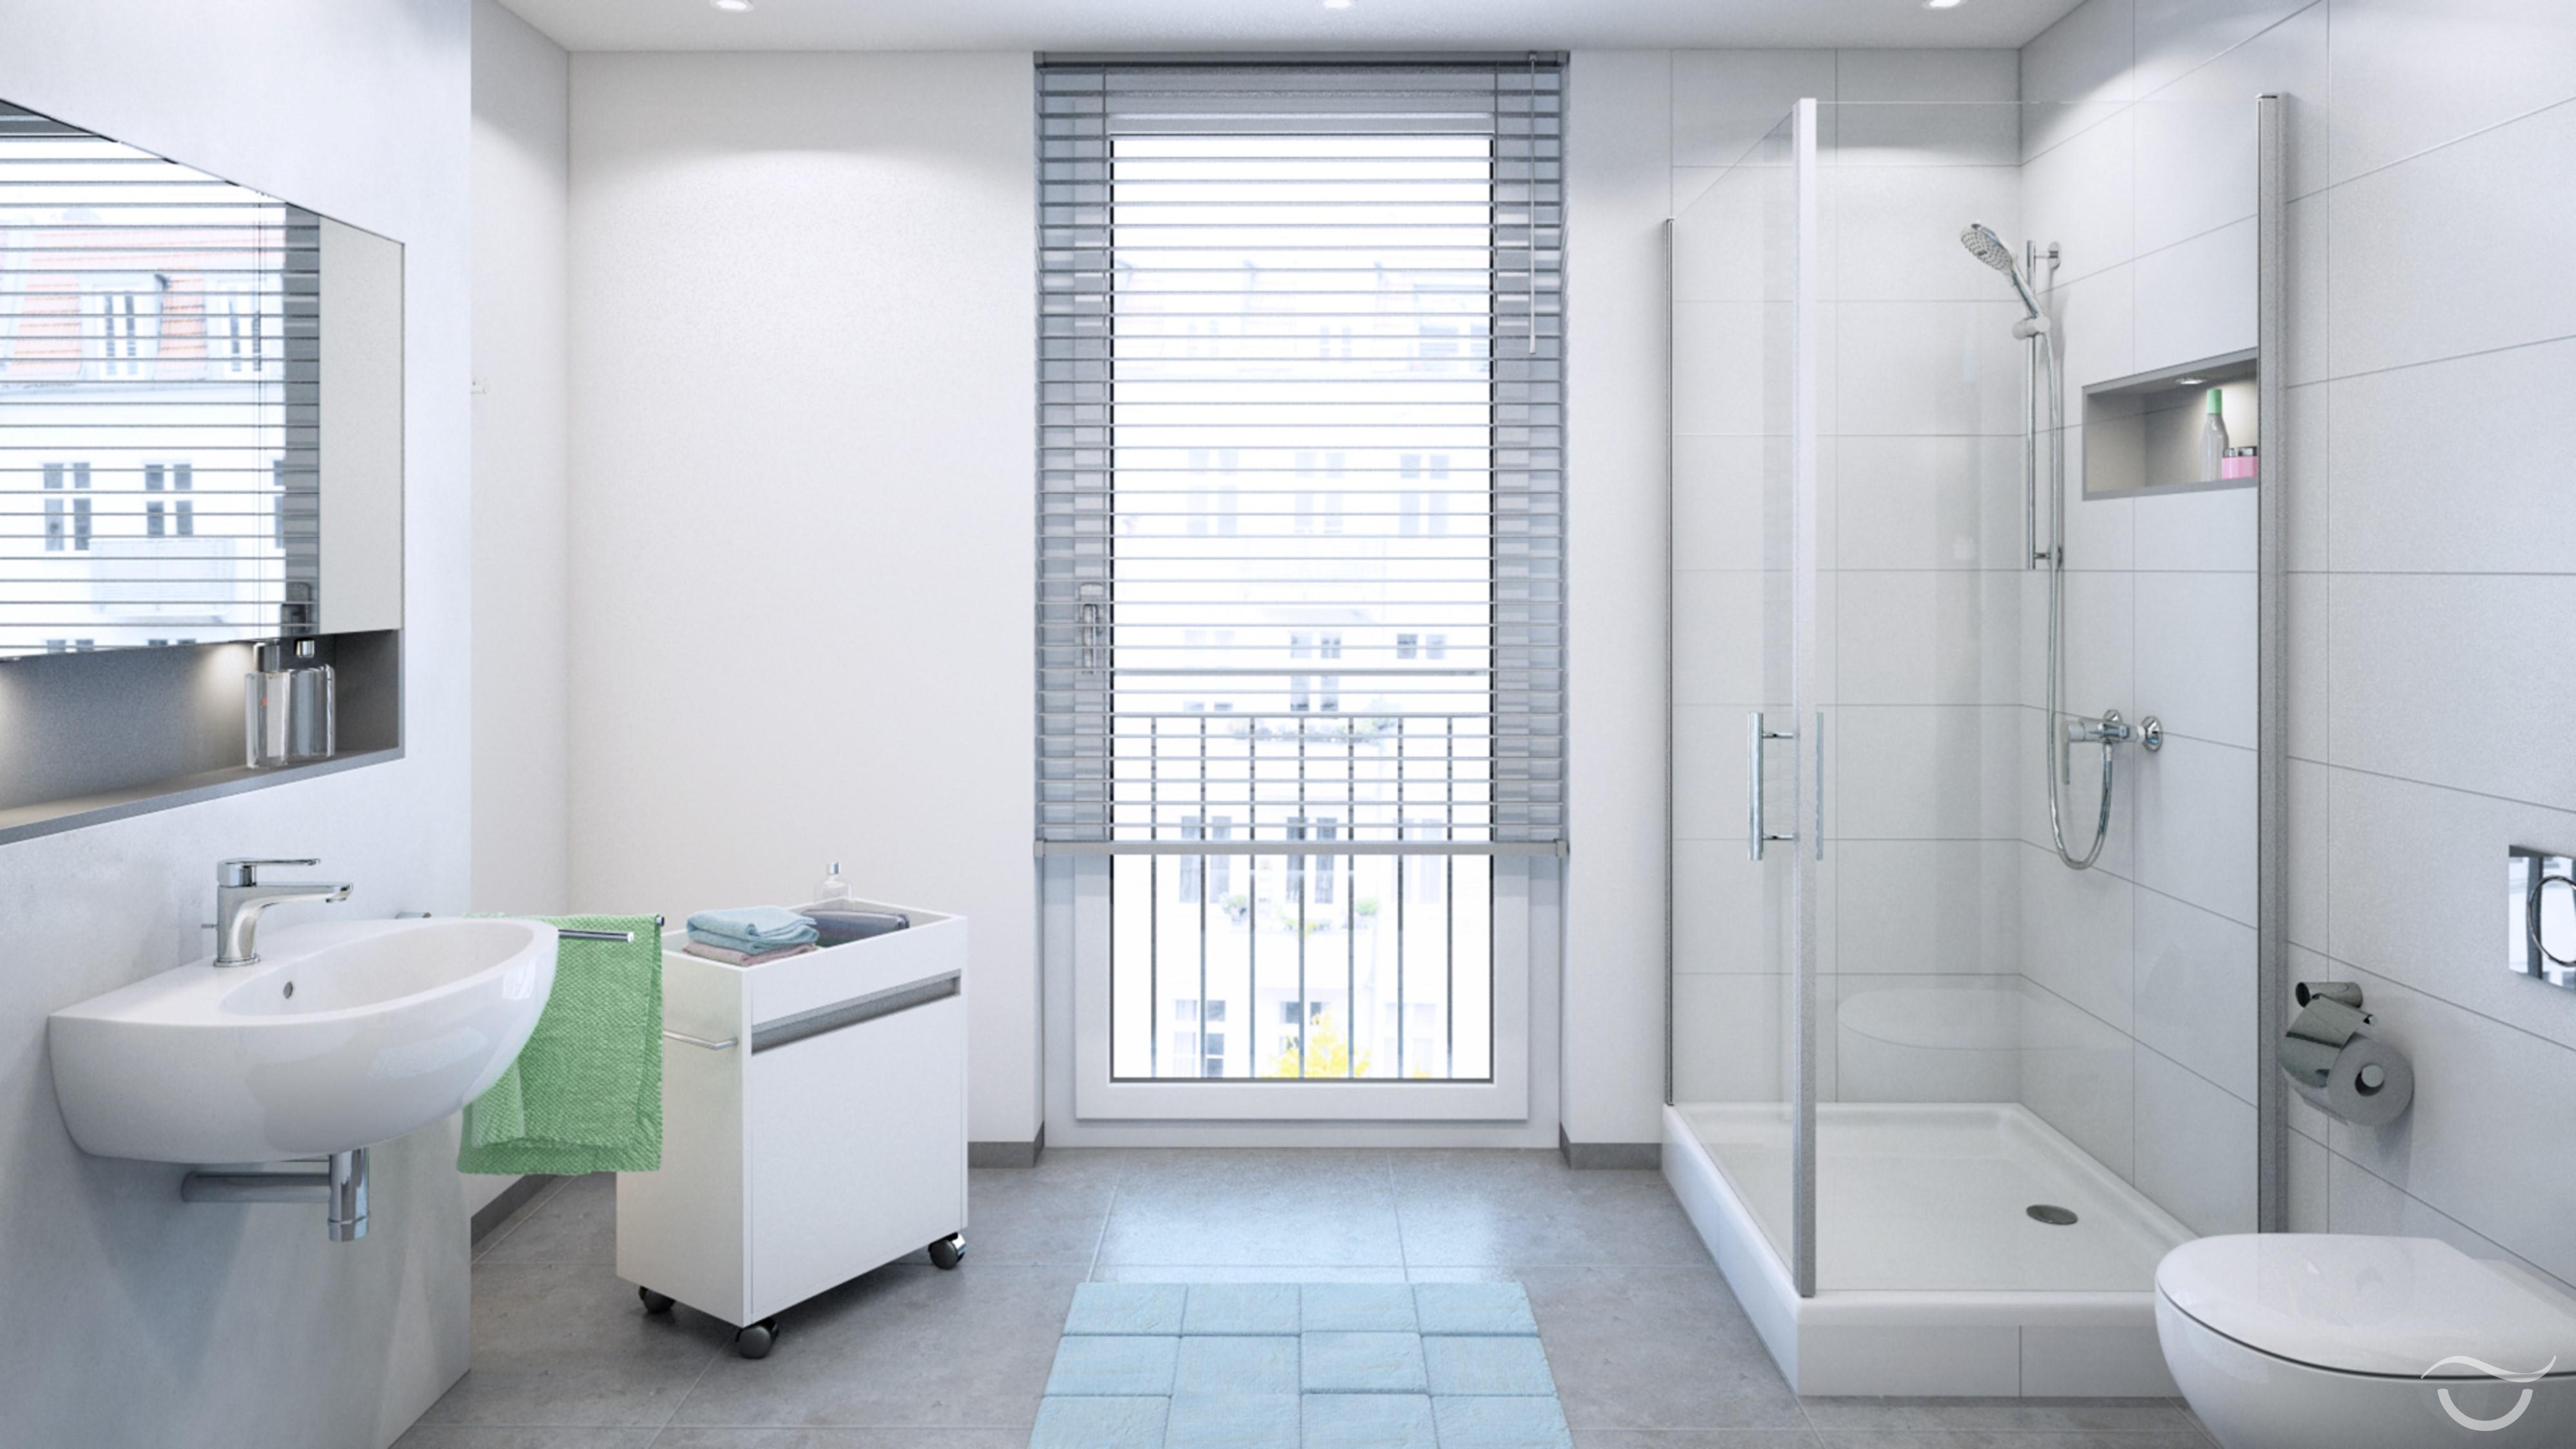 Klassisches Und Modernes Badezimmer Design #dusche #kommode #wandspiegel  ©Banovo GmbH